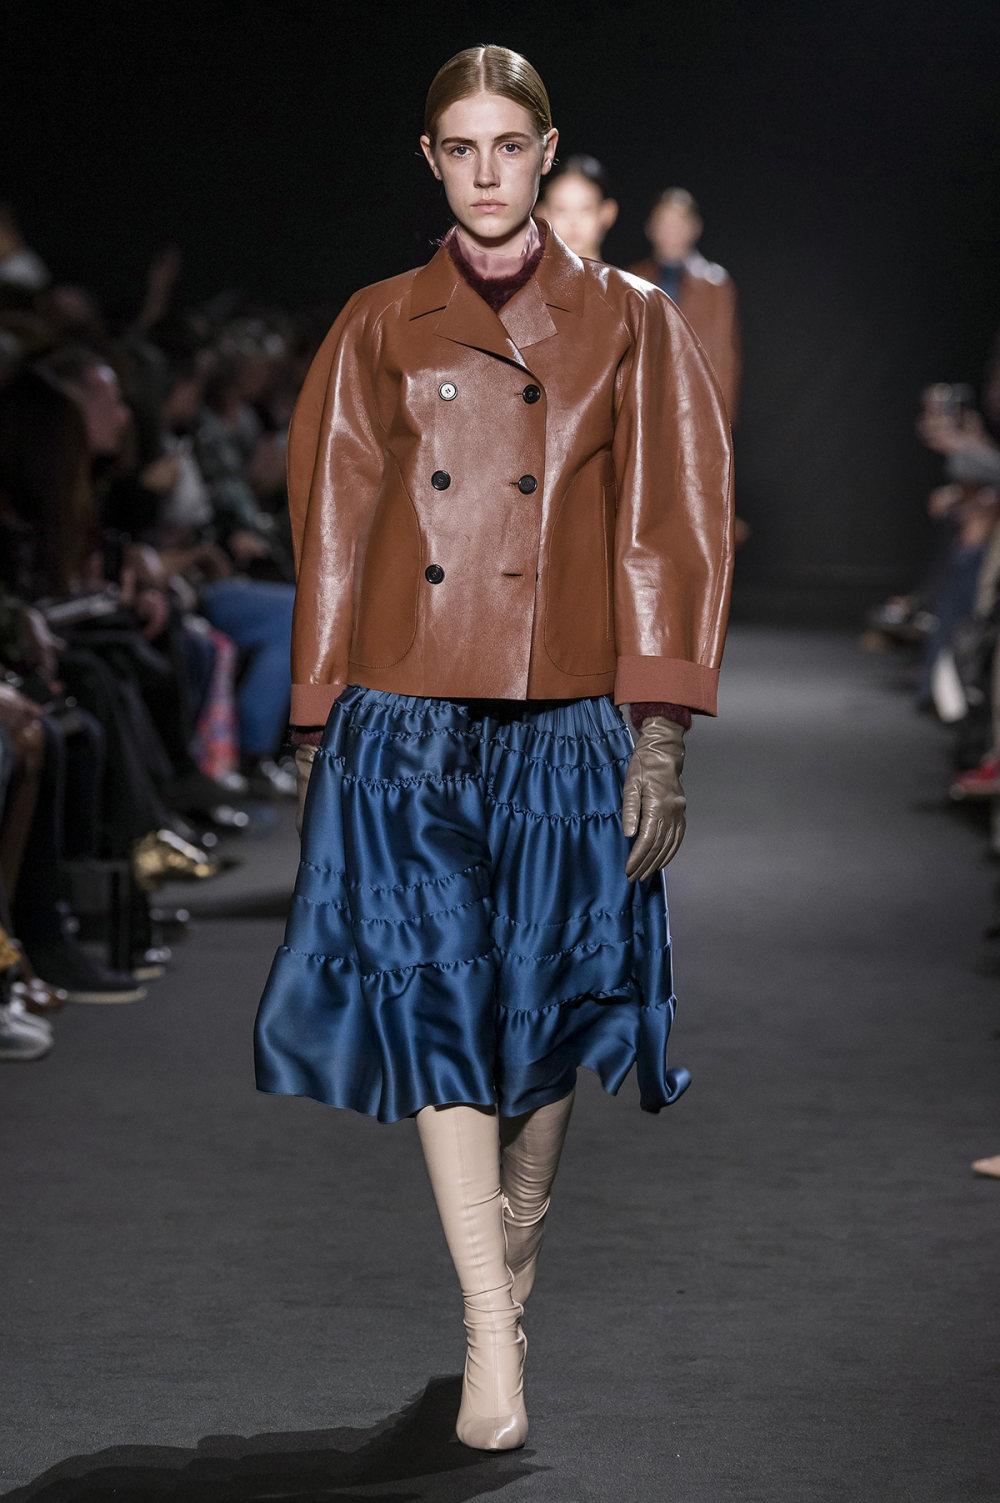 Rochas时装系列黑色无领斜纹软呢褶皱的黑色裙身饰有超细短袖衬衫-25.jpg